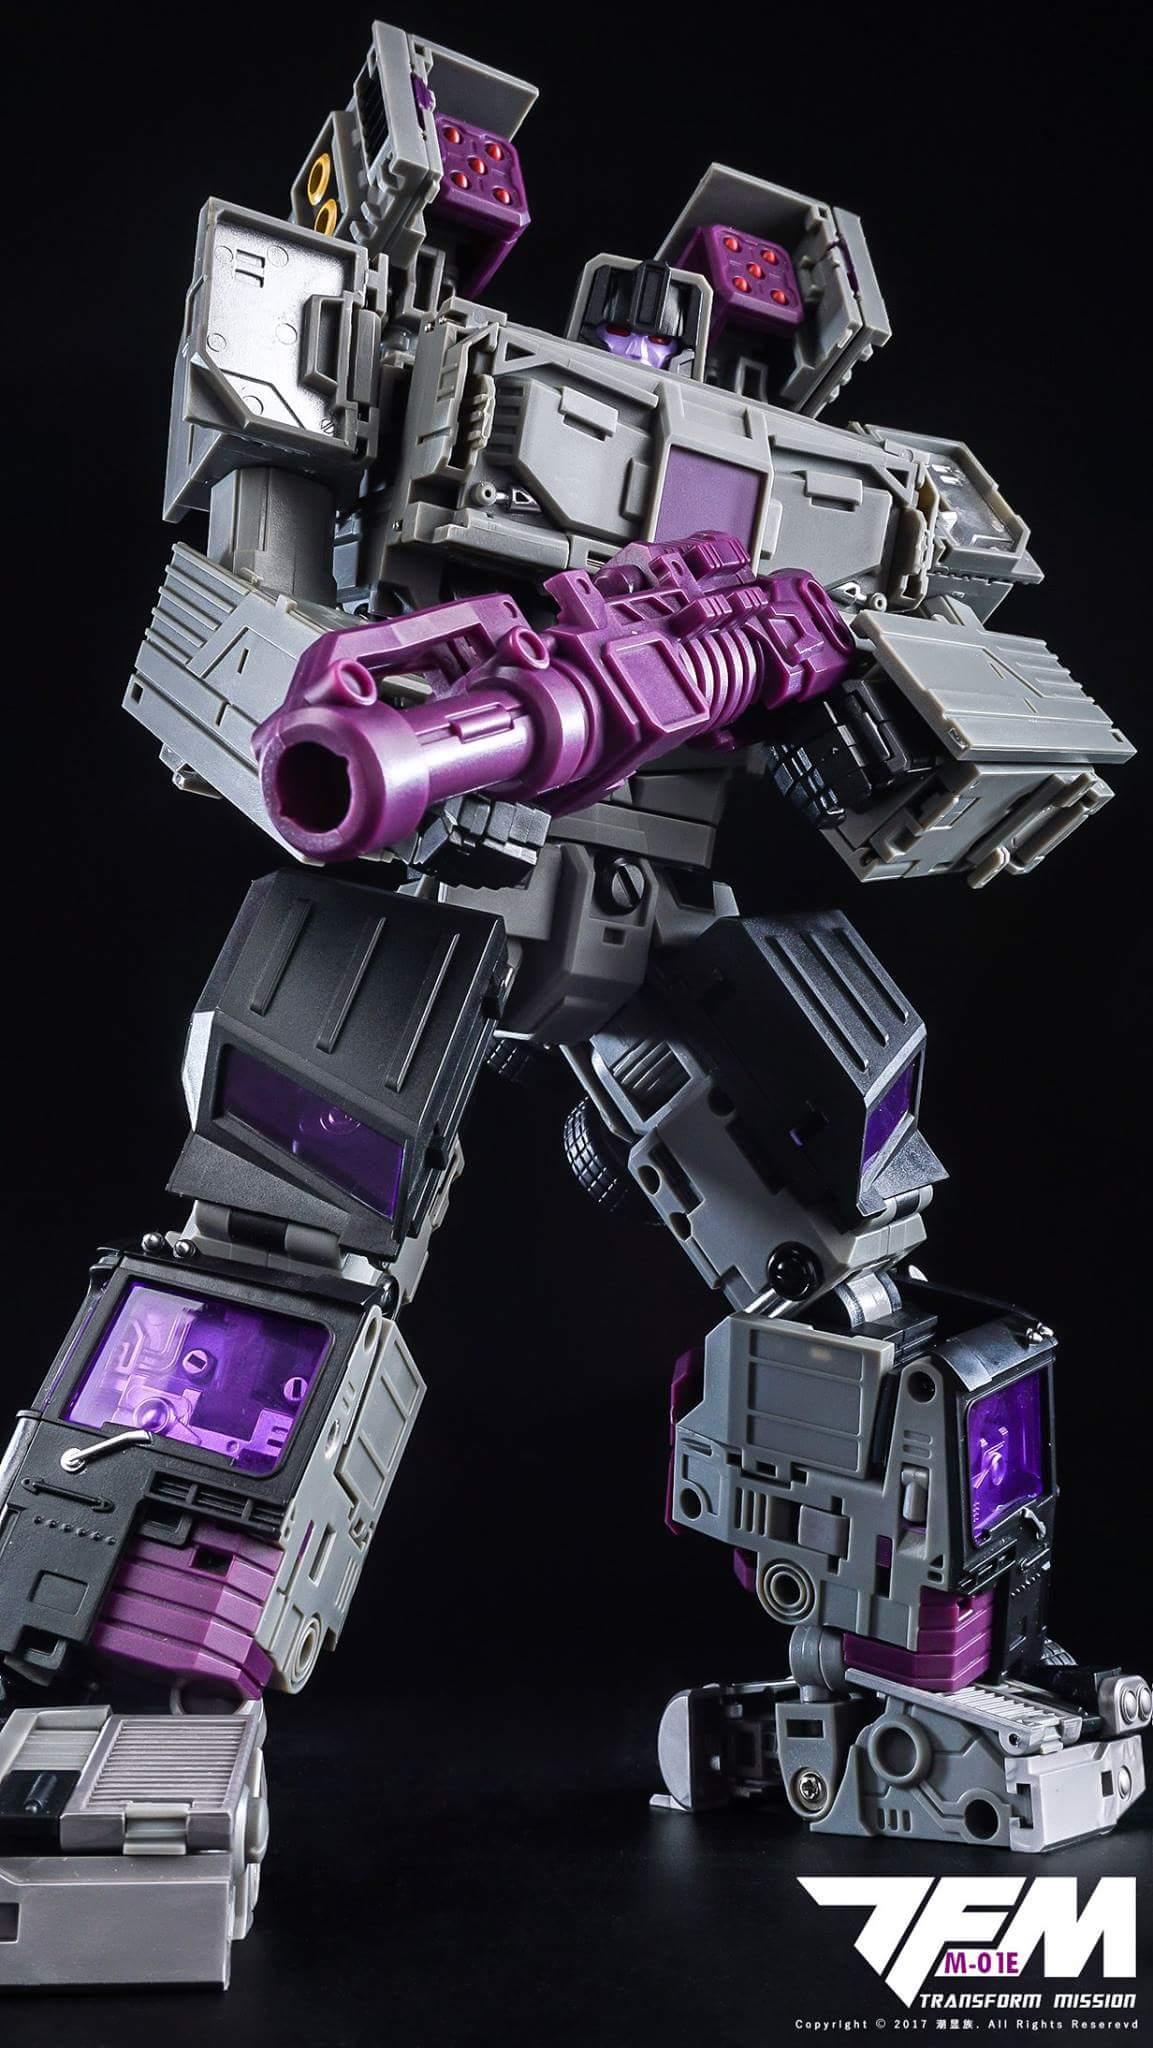 [Transform Mission] Produit Tiers - Jouet M-01 AutoSamurai - aka Menasor/Menaseur des BD IDW - Page 4 0pBoWC3c